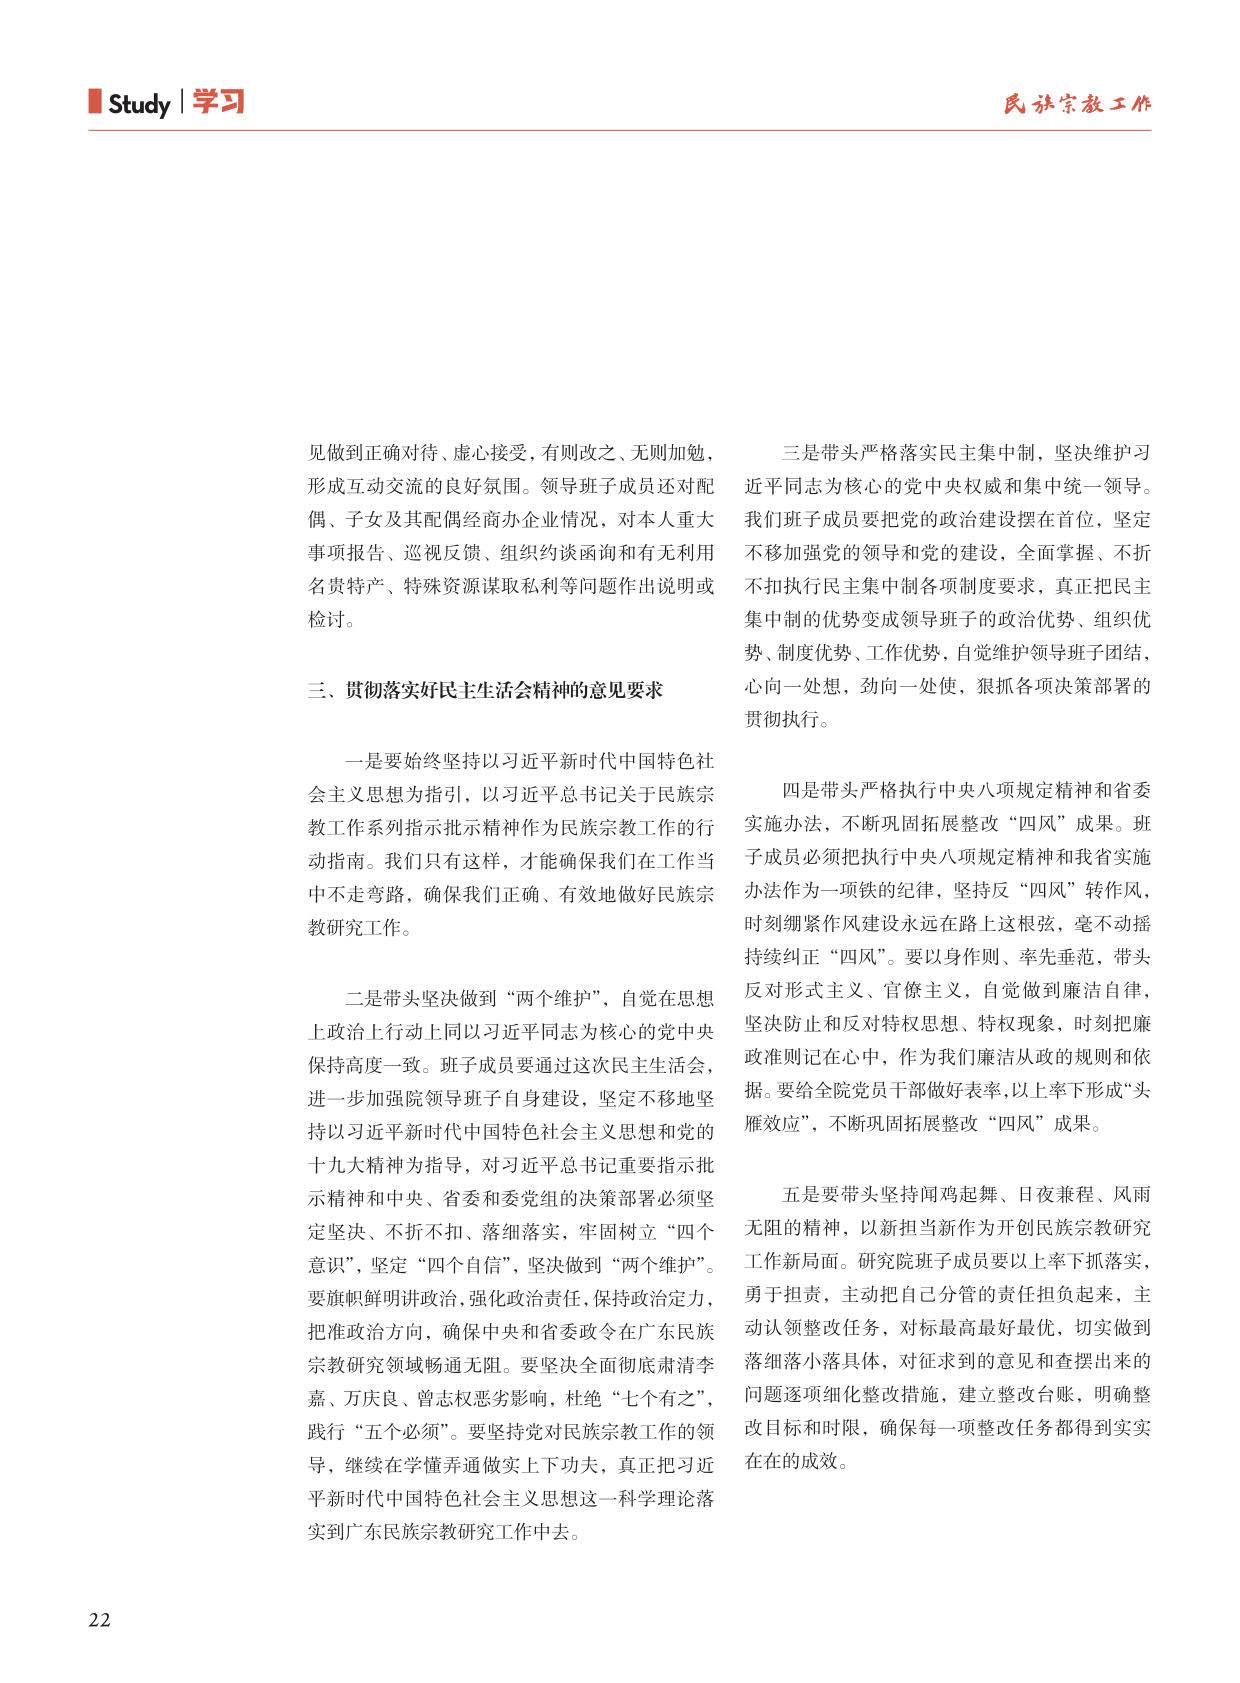 民宗委 十月(1)_24.jpg